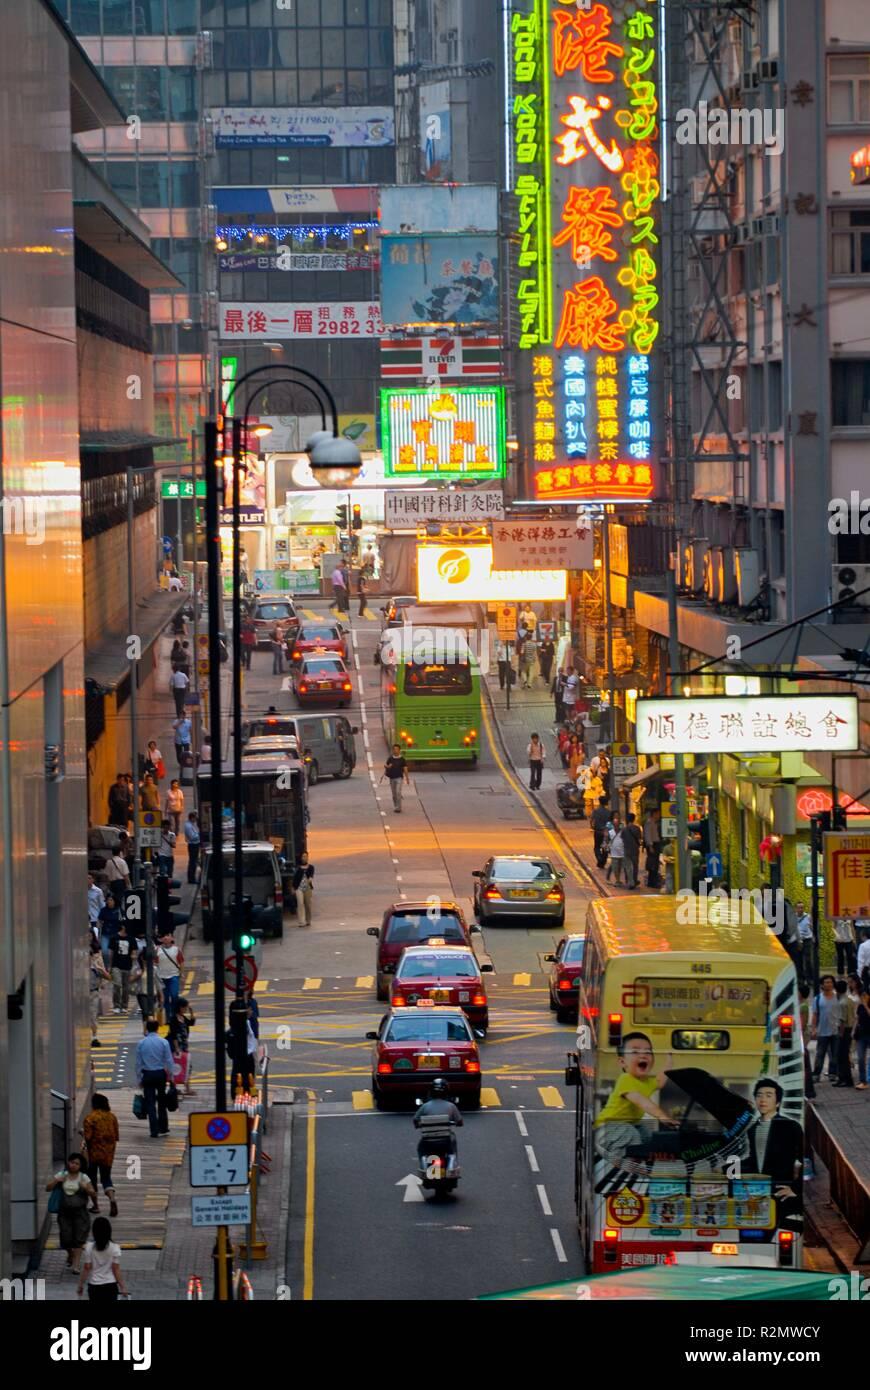 china - hong kong iceland - central Stock Photo